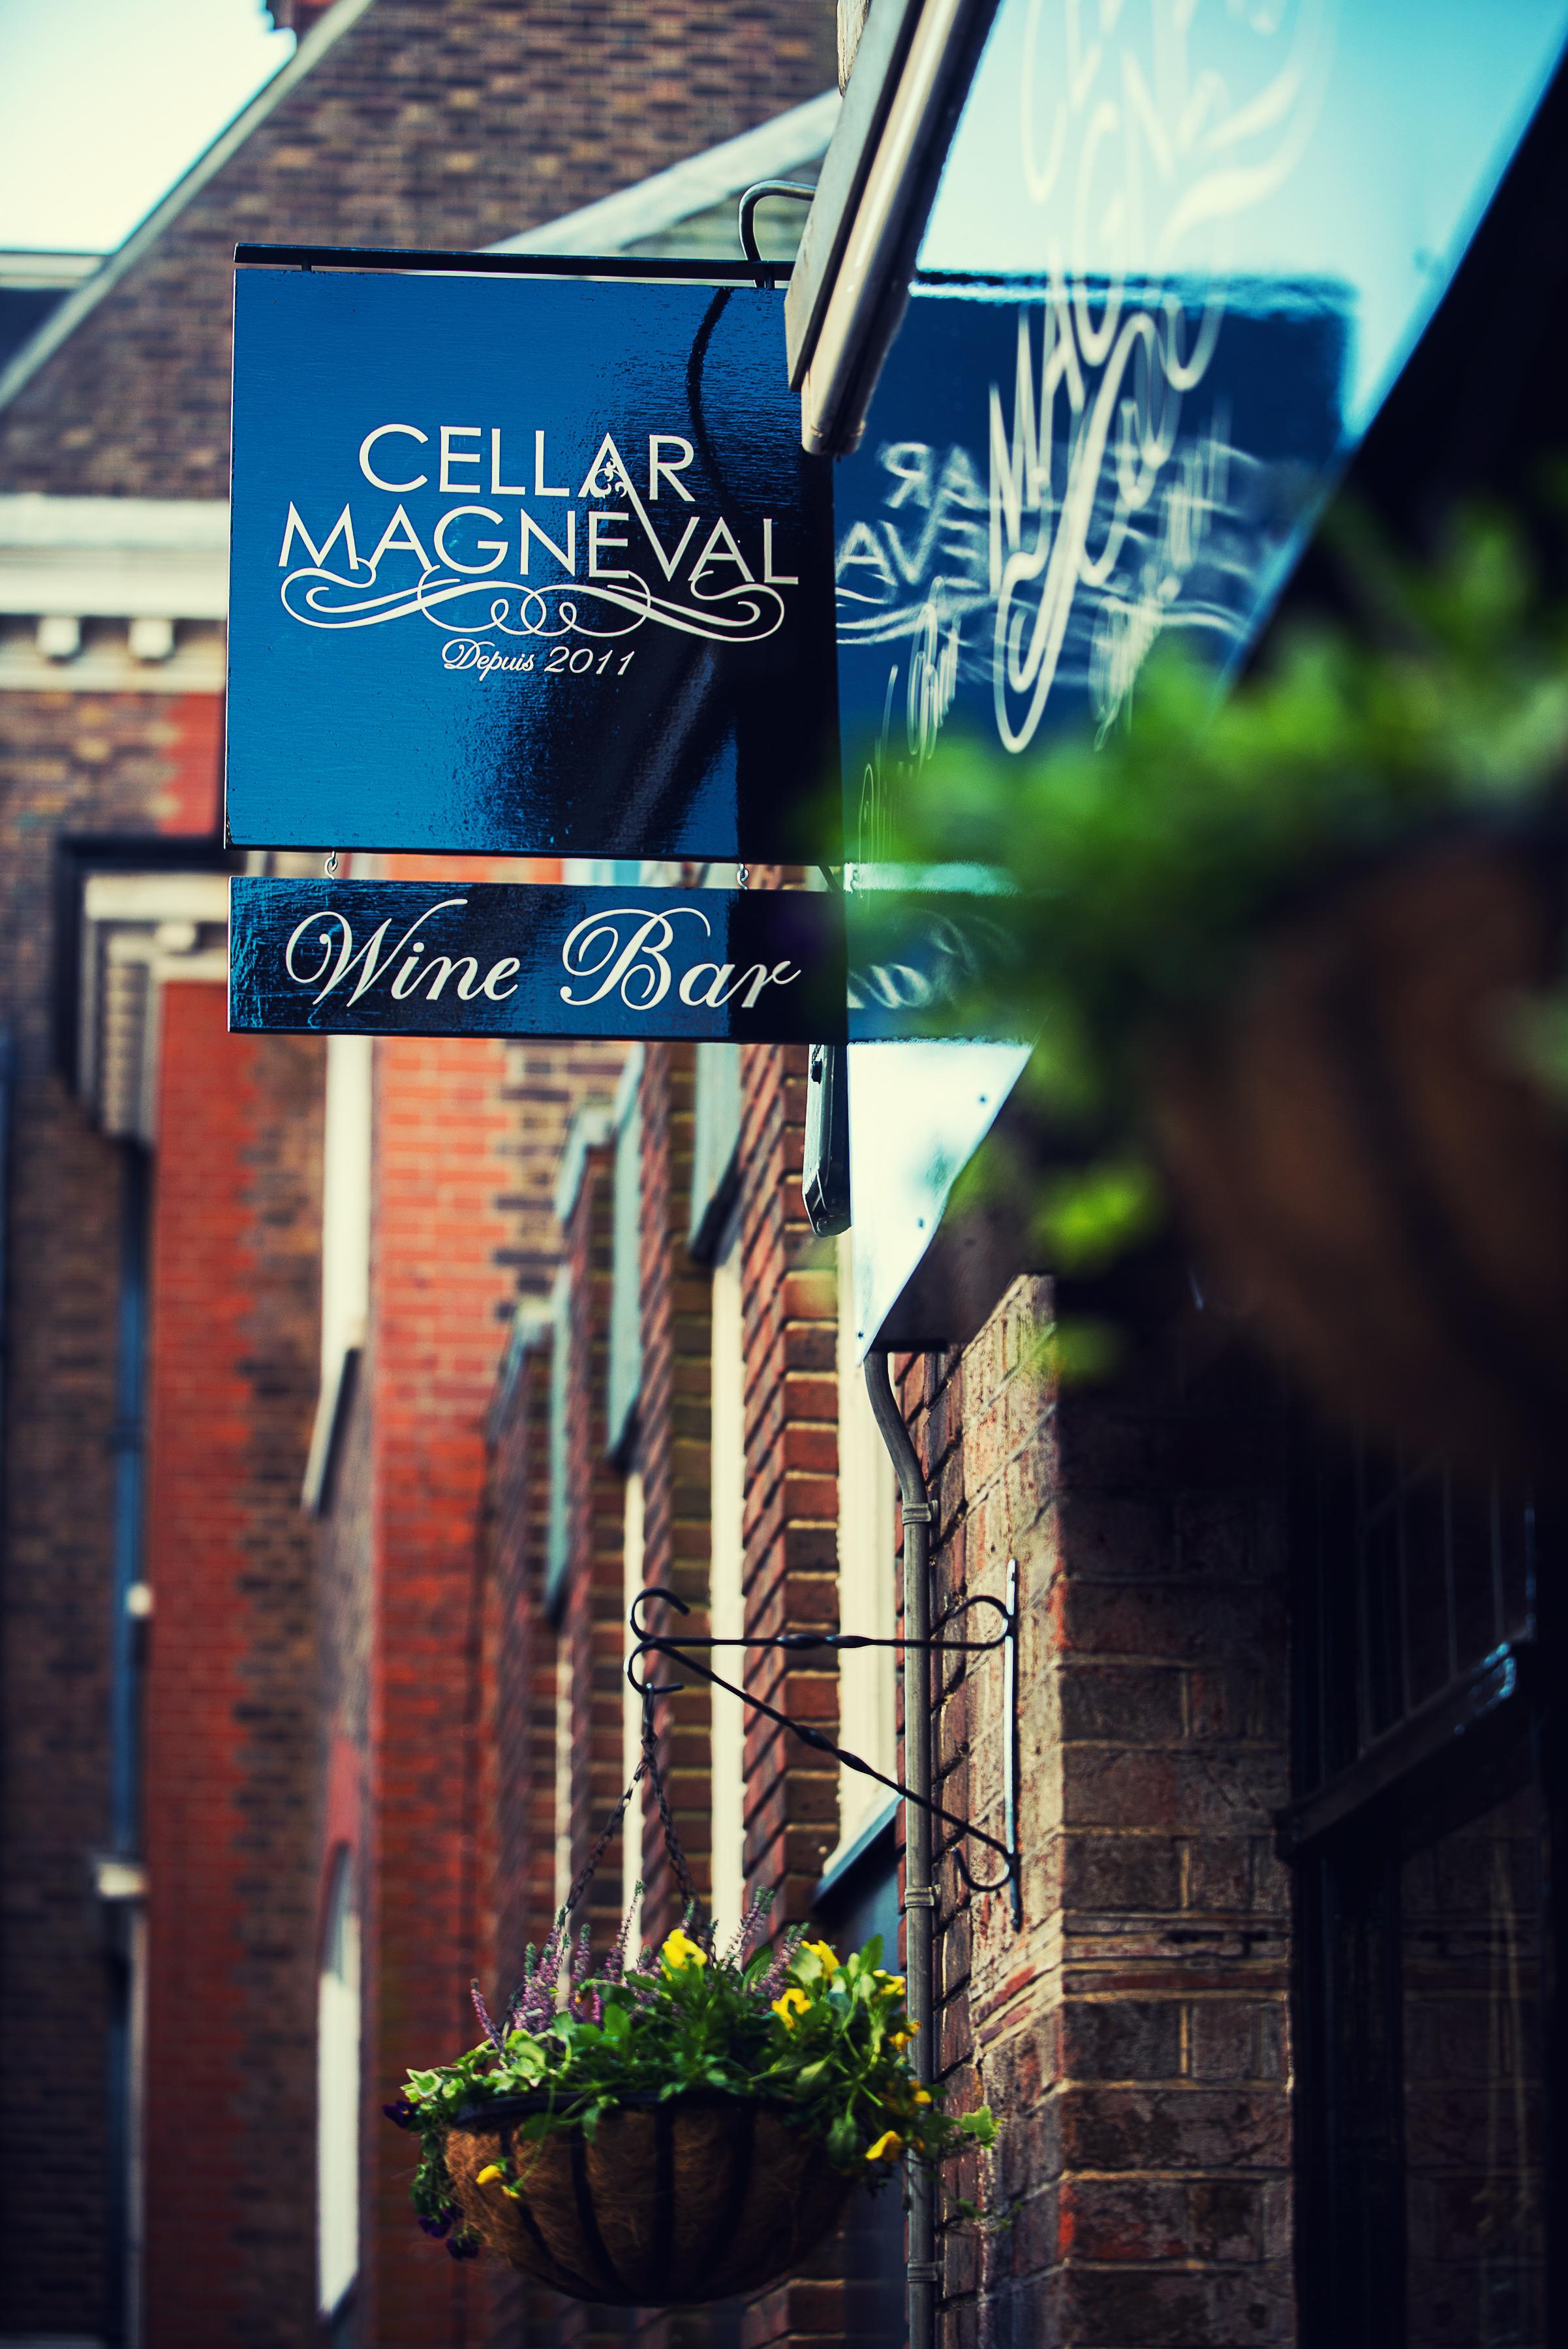 Cellar Magneval Sign